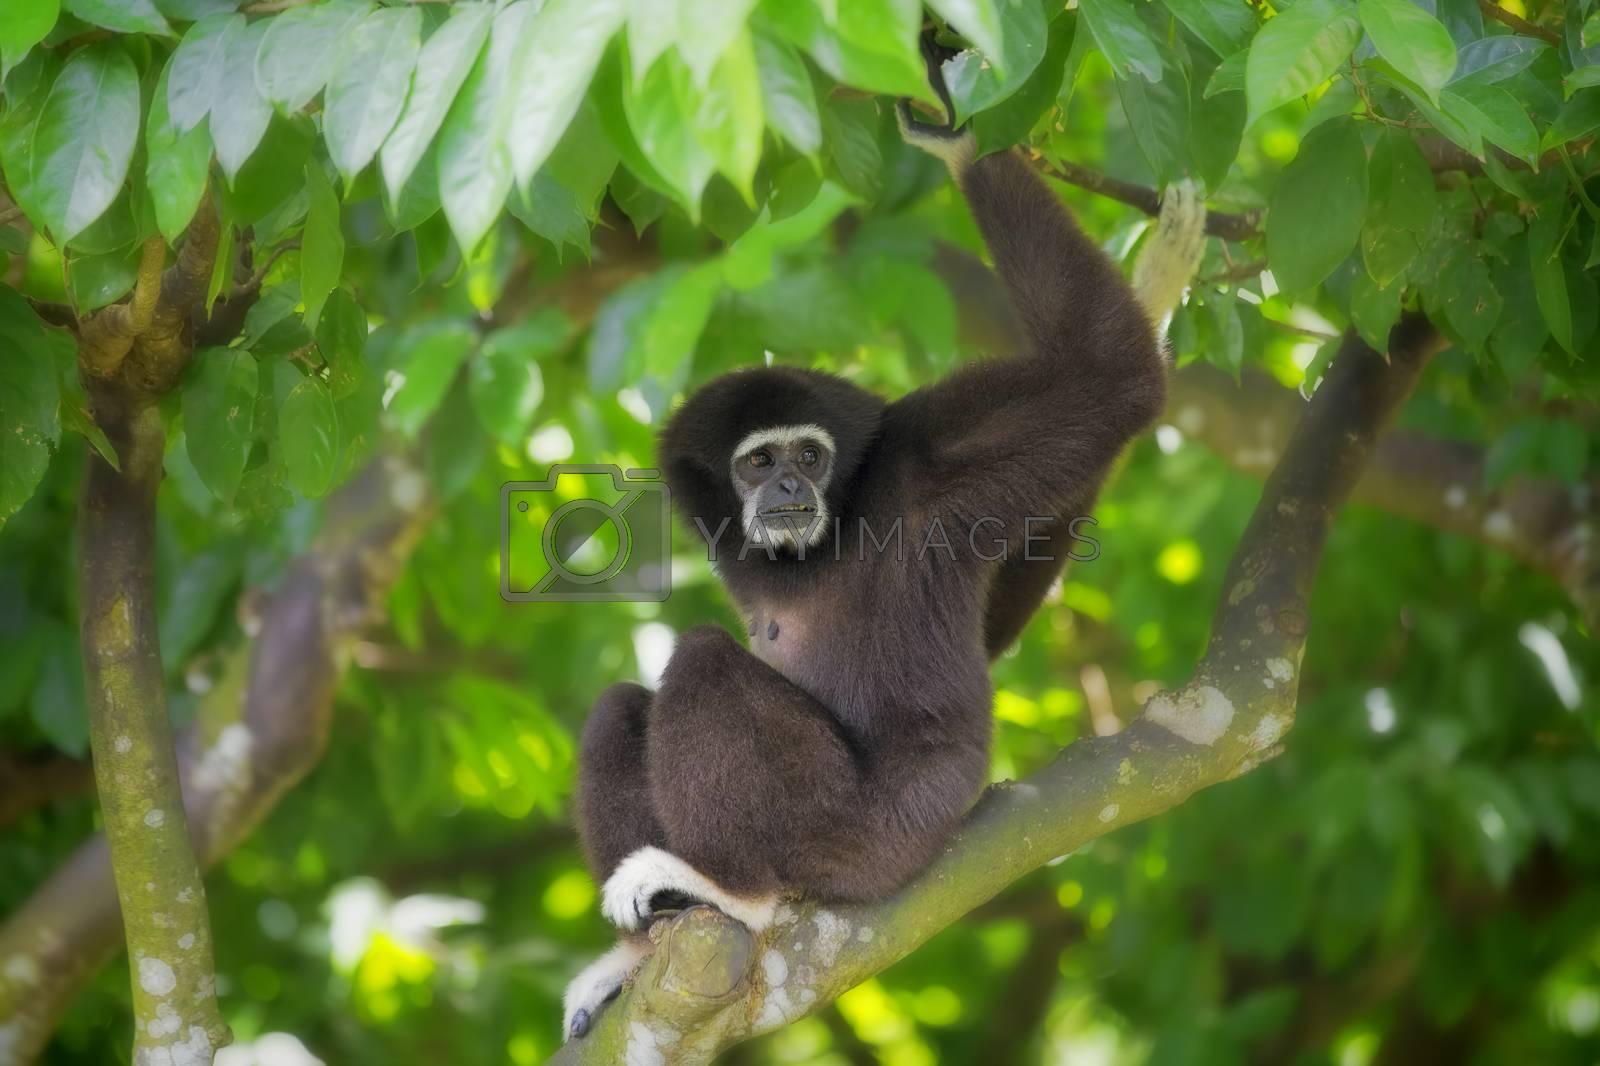 Royalty free image of Gibbon Monkey by kjorgen